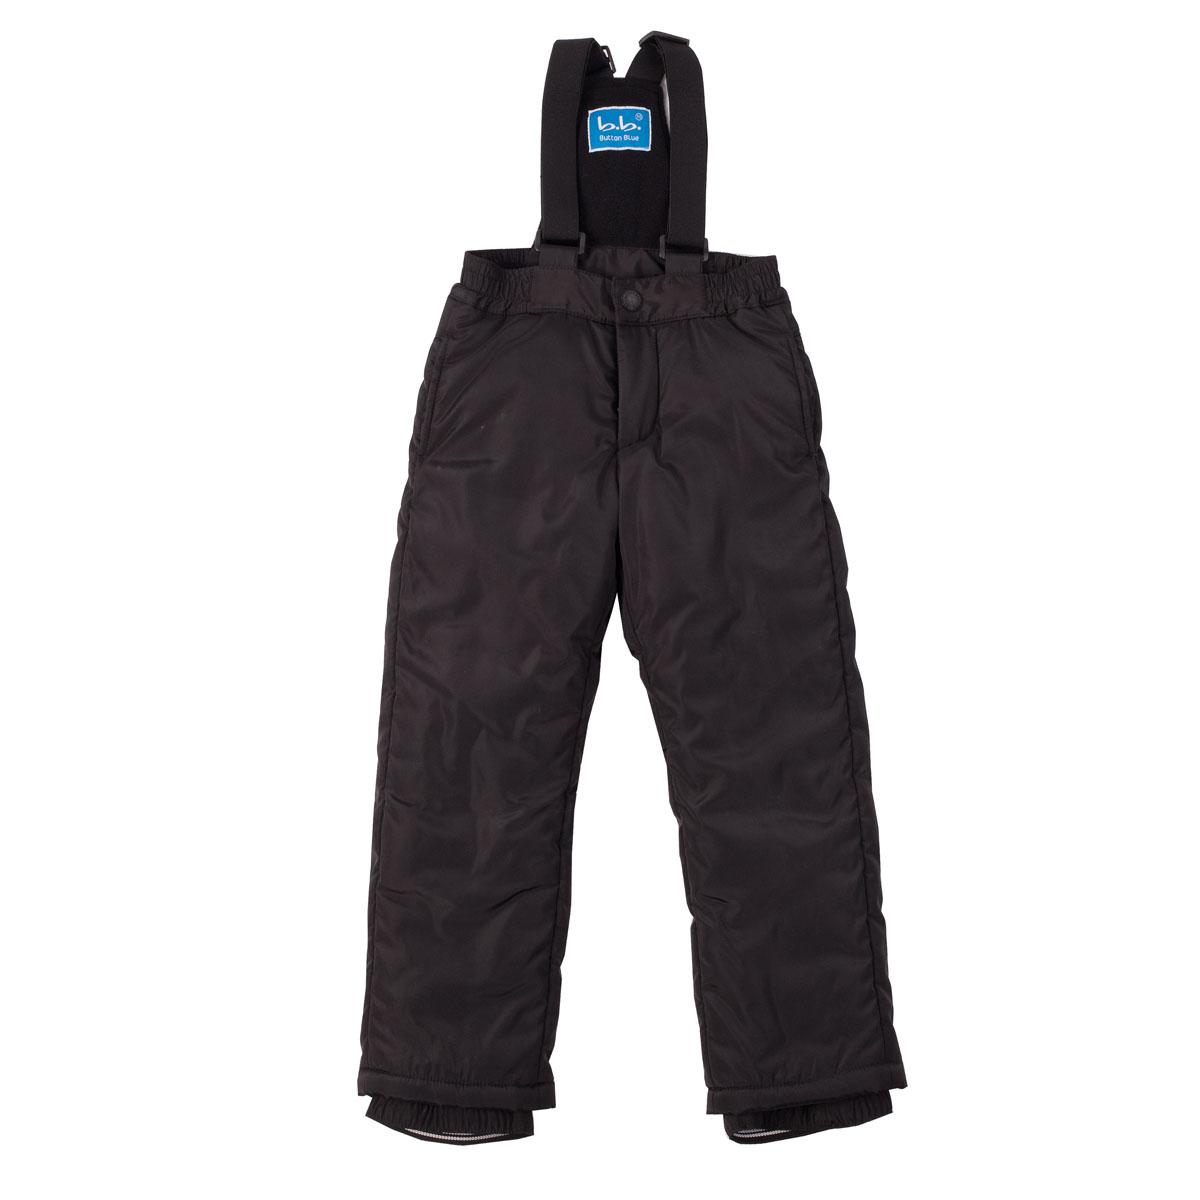 Полукомбинезон для мальчика. 215BBBB67215BBBB6701Теплый полукомбинезон для мальчика Button Blue идеально подойдет для ребенка в холодное время года. Полукомбинезон изготовлен из водоотталкивающей ткани, а для максимального комфорта на большей части подкладки используется мягкий флис, который не раздражает нежную кожу ребенка и хорошо сохраняет тепло. В качестве наполнителя используется 100% полиэстер. Полукомбинезон имеет эластичные наплечные лямки, регулируемые по длине. На талии он застегивается на металлический крючок и имеет ширинку на застежке-молнии. На поясе предусмотрена широкая эластичная резинка, которая позволяет надежно заправить рубашку, водолазку или свитер. По бокам имеются два прорезных кармашка. Брючины дополнены скрытыми манжетами с прорезиненными полосками, препятствующими попаданию грязи и снега в обувь. Комфортный, удобный и практичный этот полукомбинезон идеально подойдет для прогулок и игр на свежем воздухе!